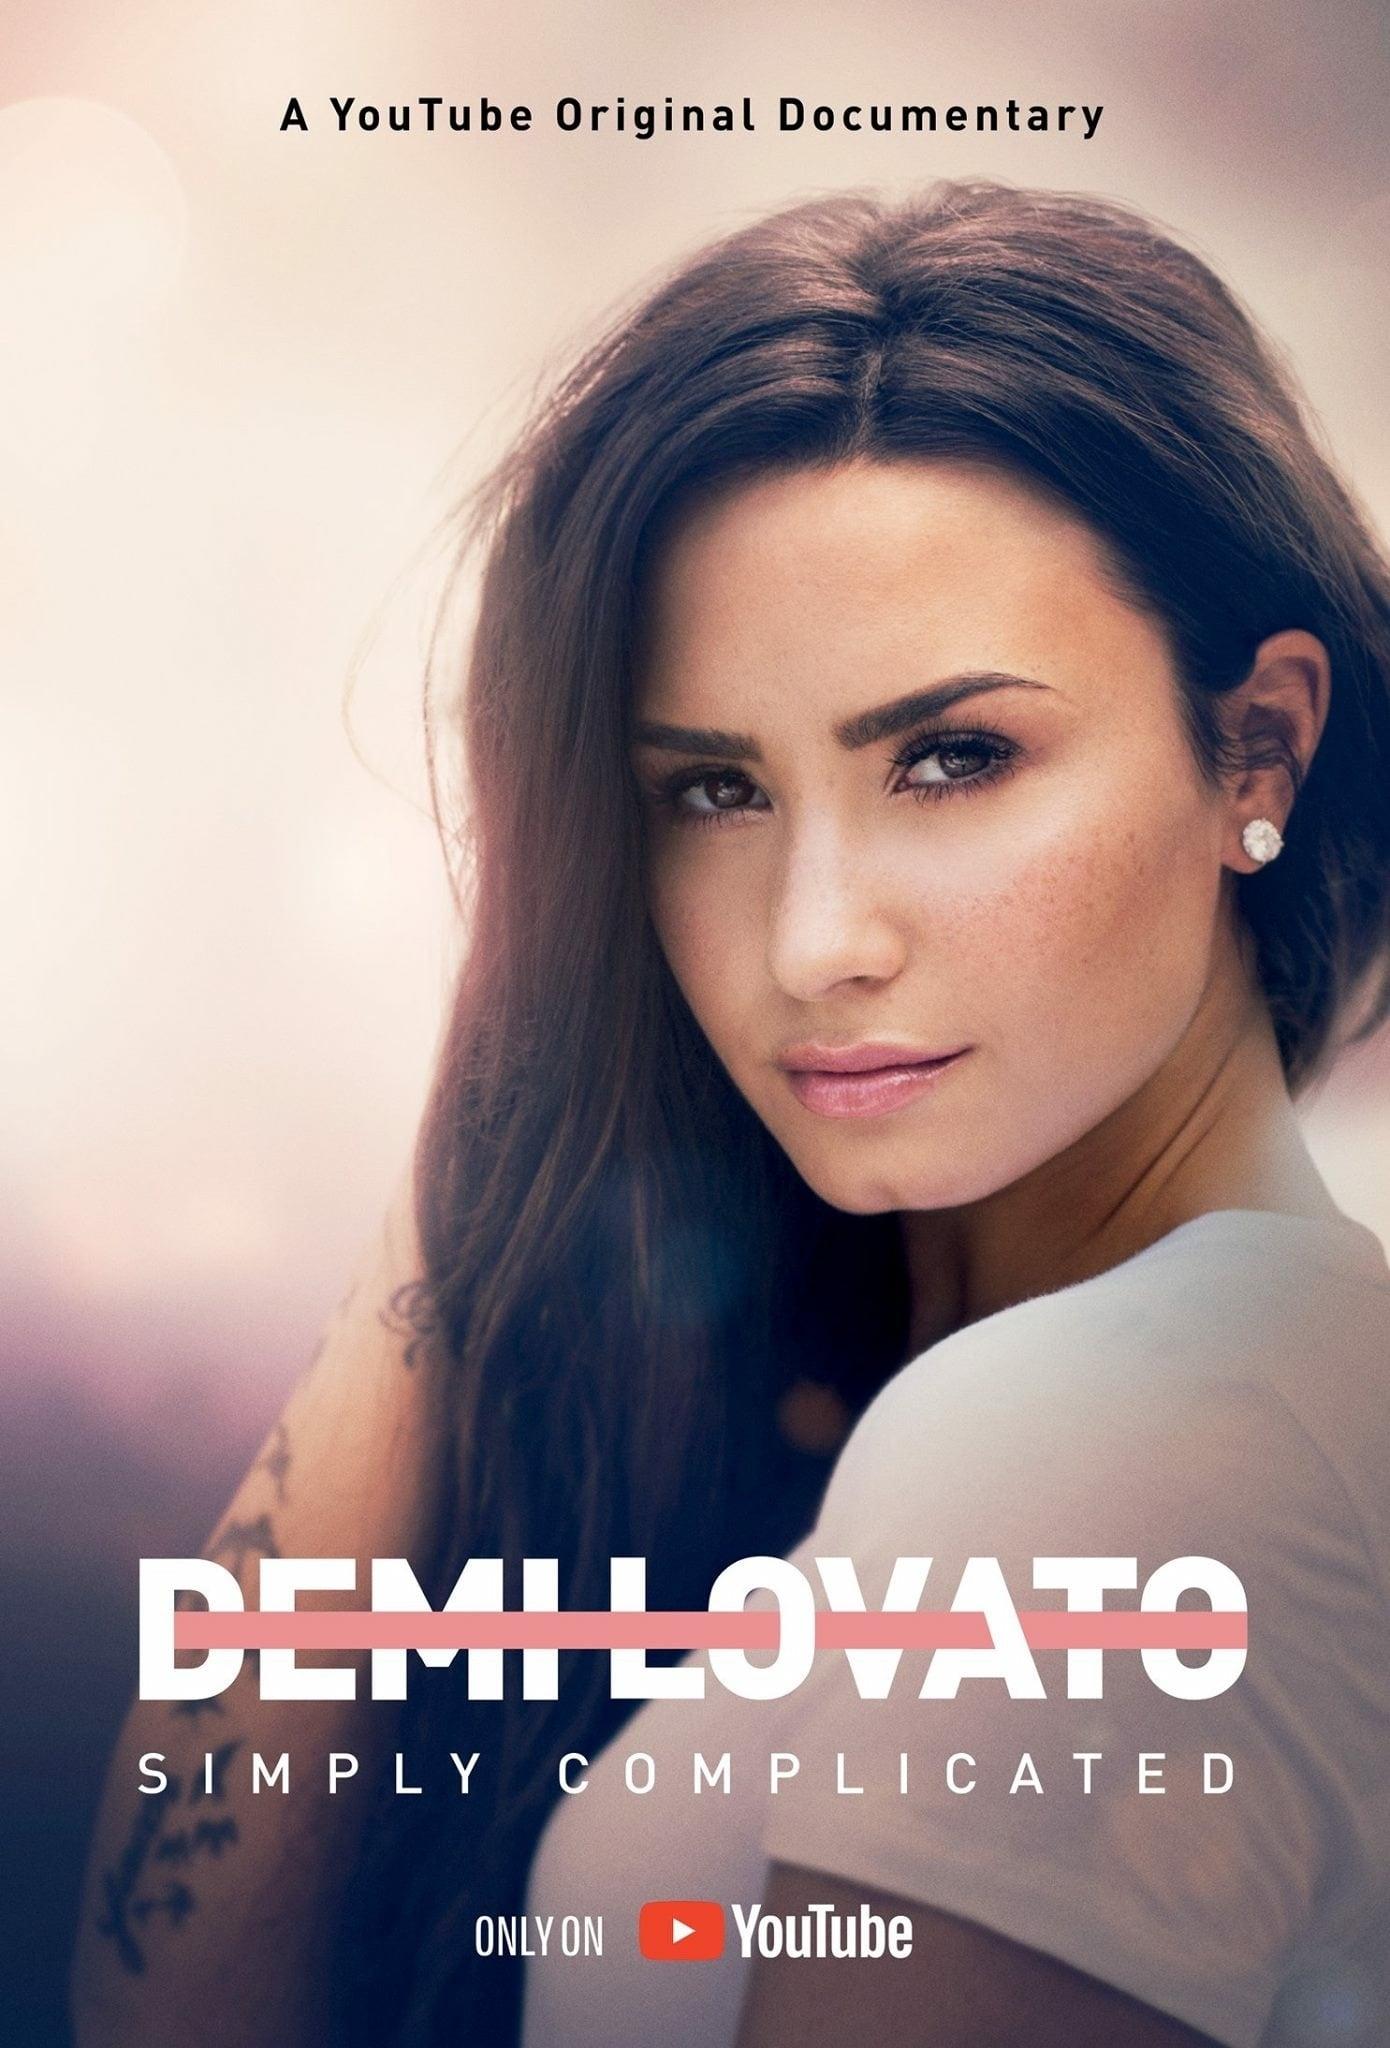 Demi Lovato: Simply Complicated